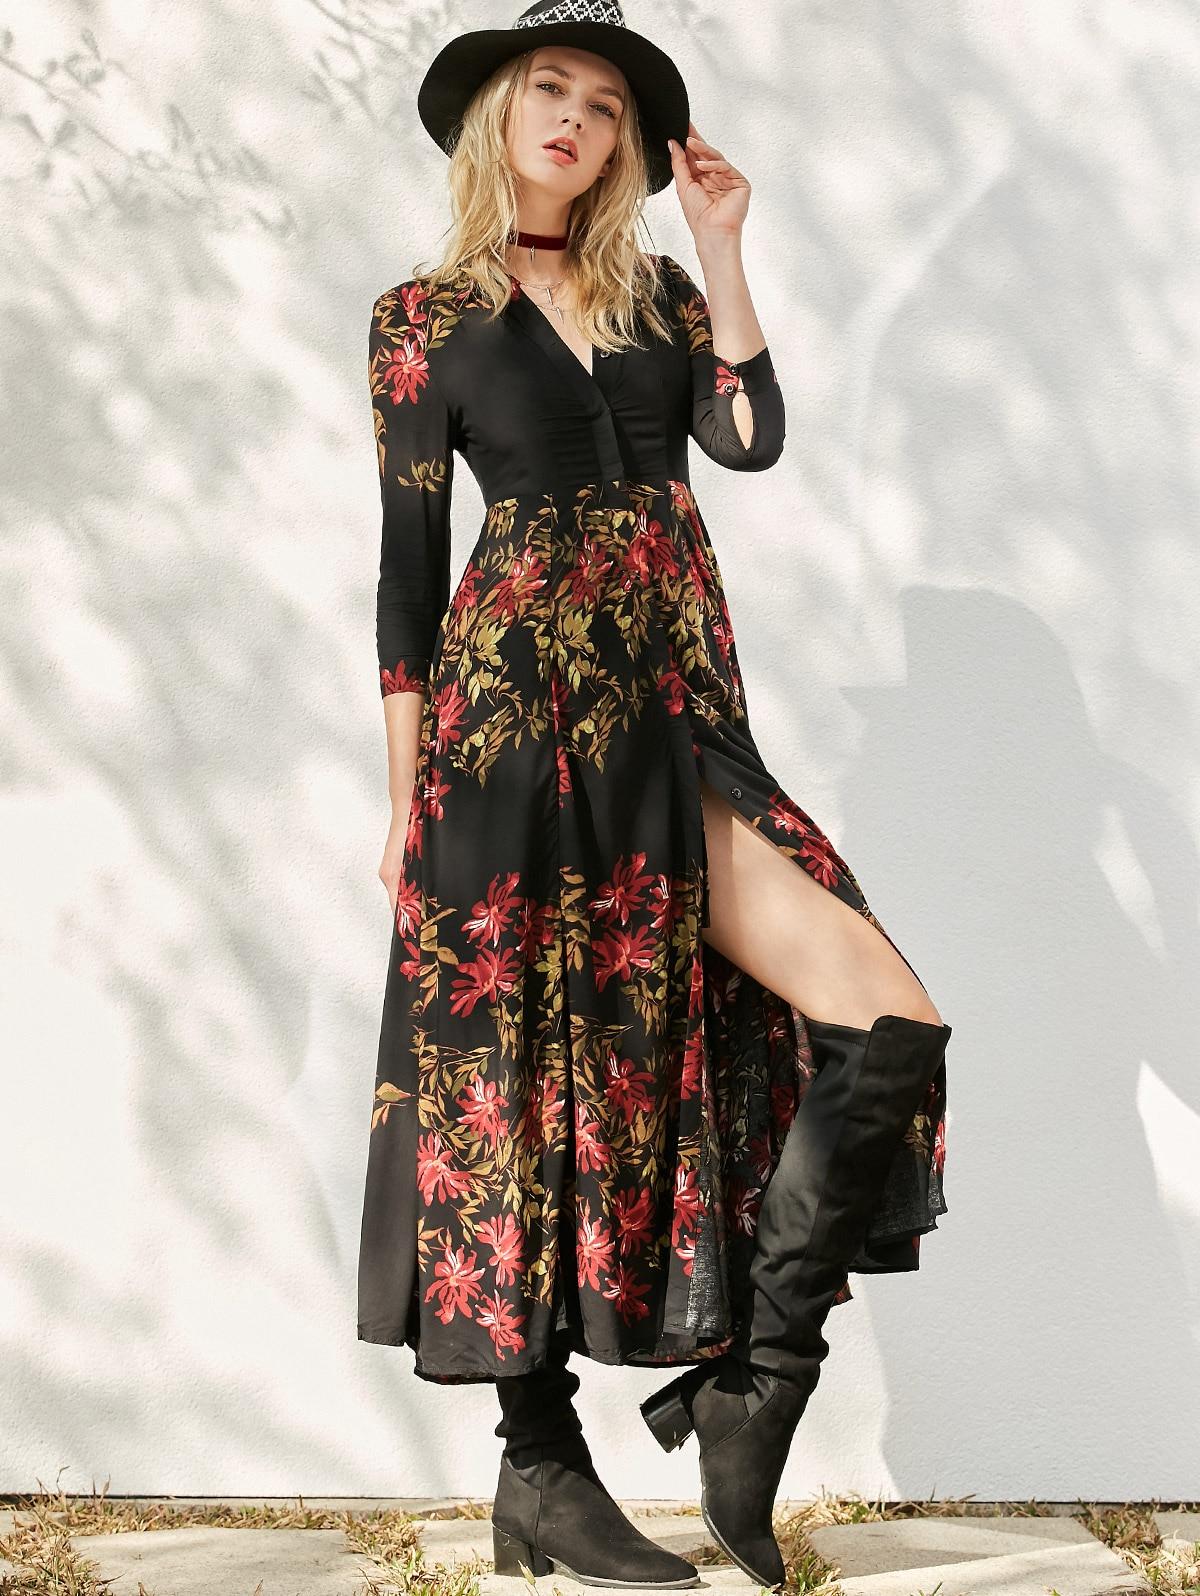 Женское весеннее платье длинное платье-рубашка женское вечернее платье с цветочным принтом с высоким разрезом богемное платье халат Femme ра...